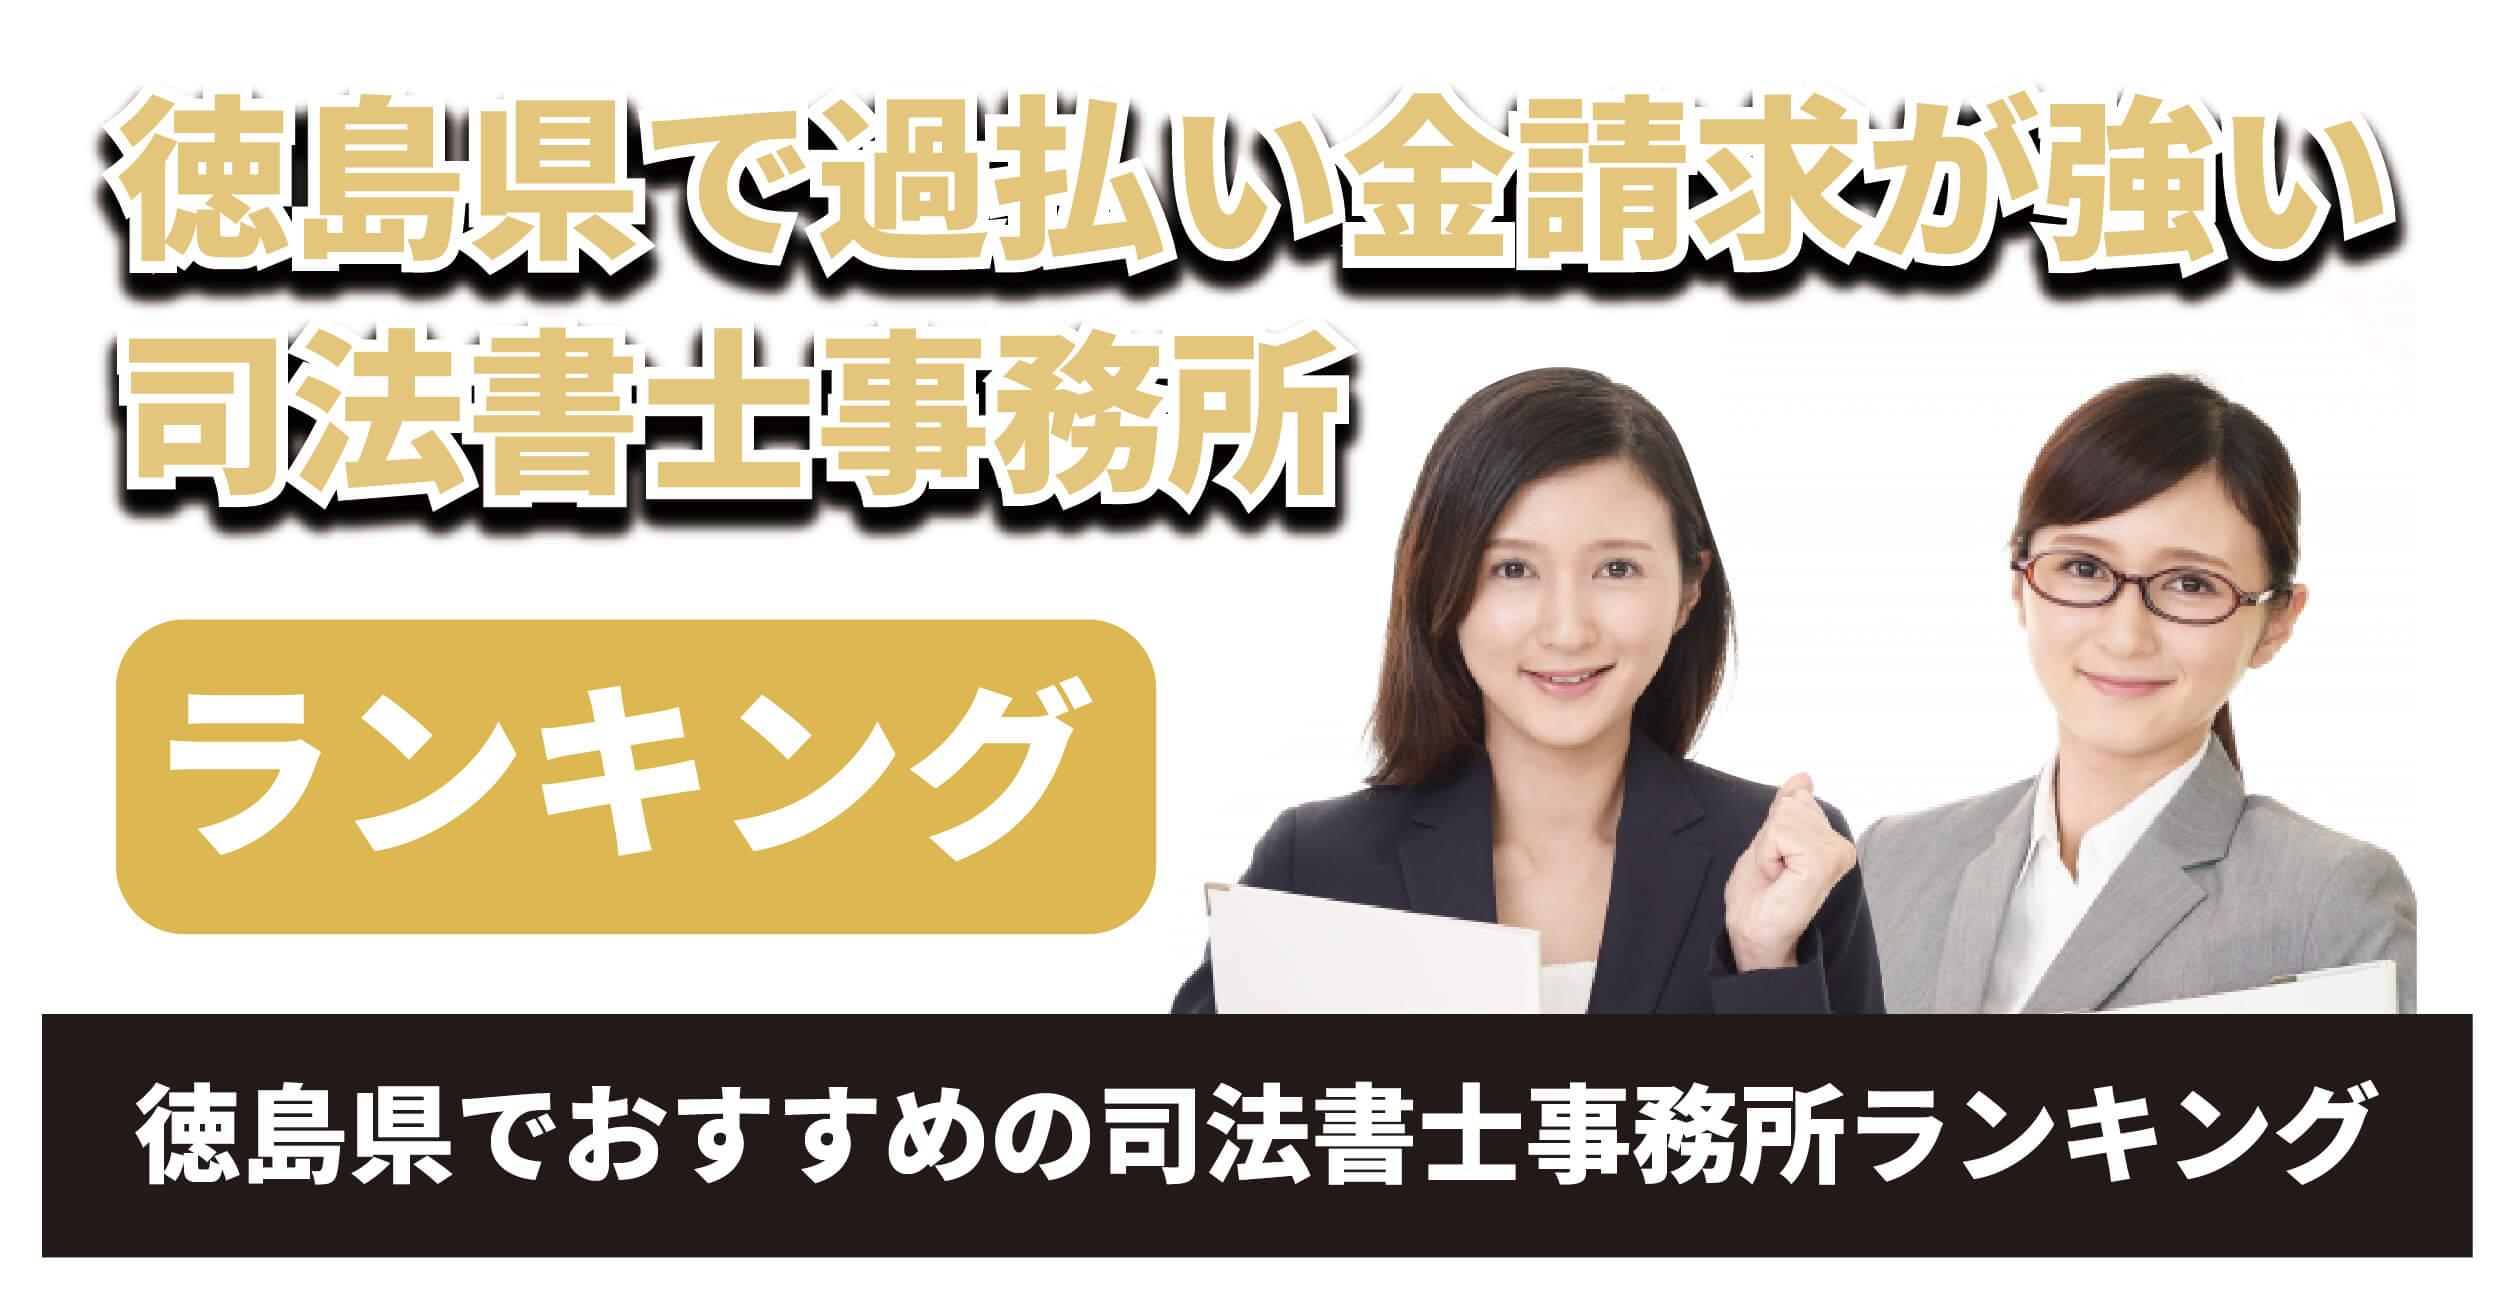 徳島県で過払い金請求が強い司法書士は?